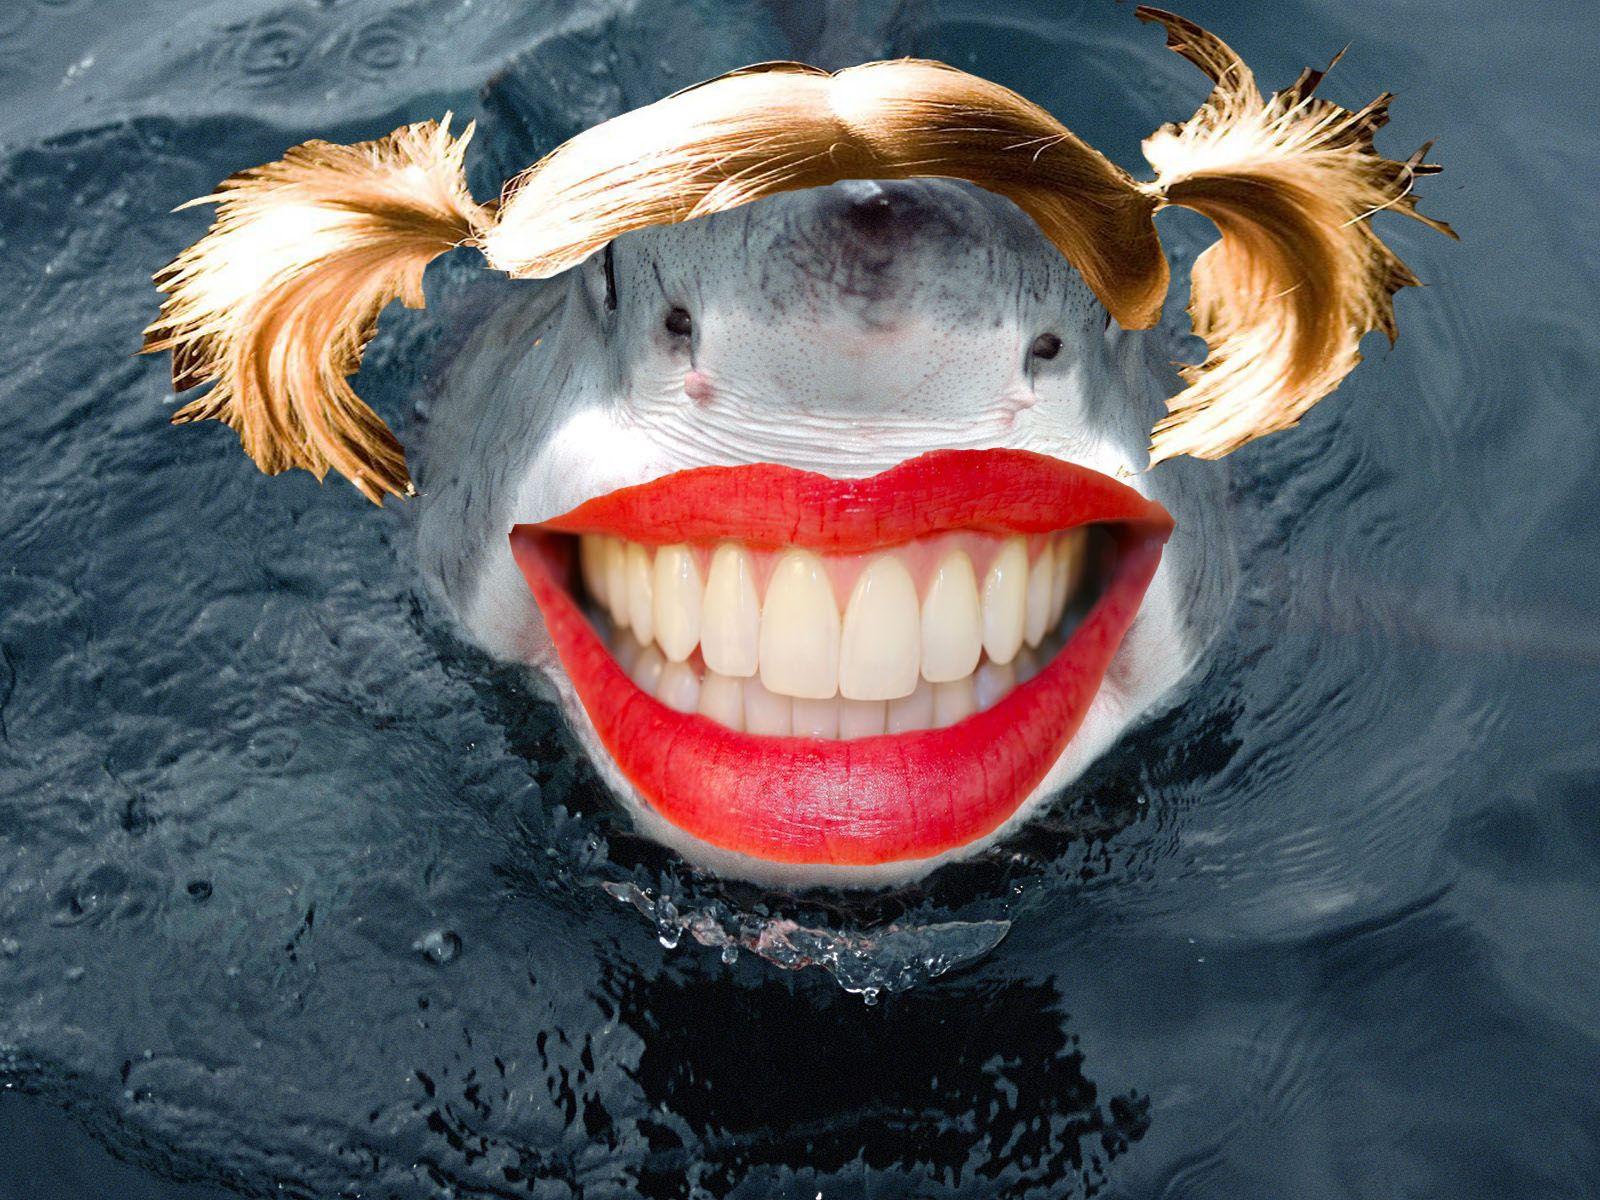 Картинка с улыбкой смешной с зубами, для любимой тети